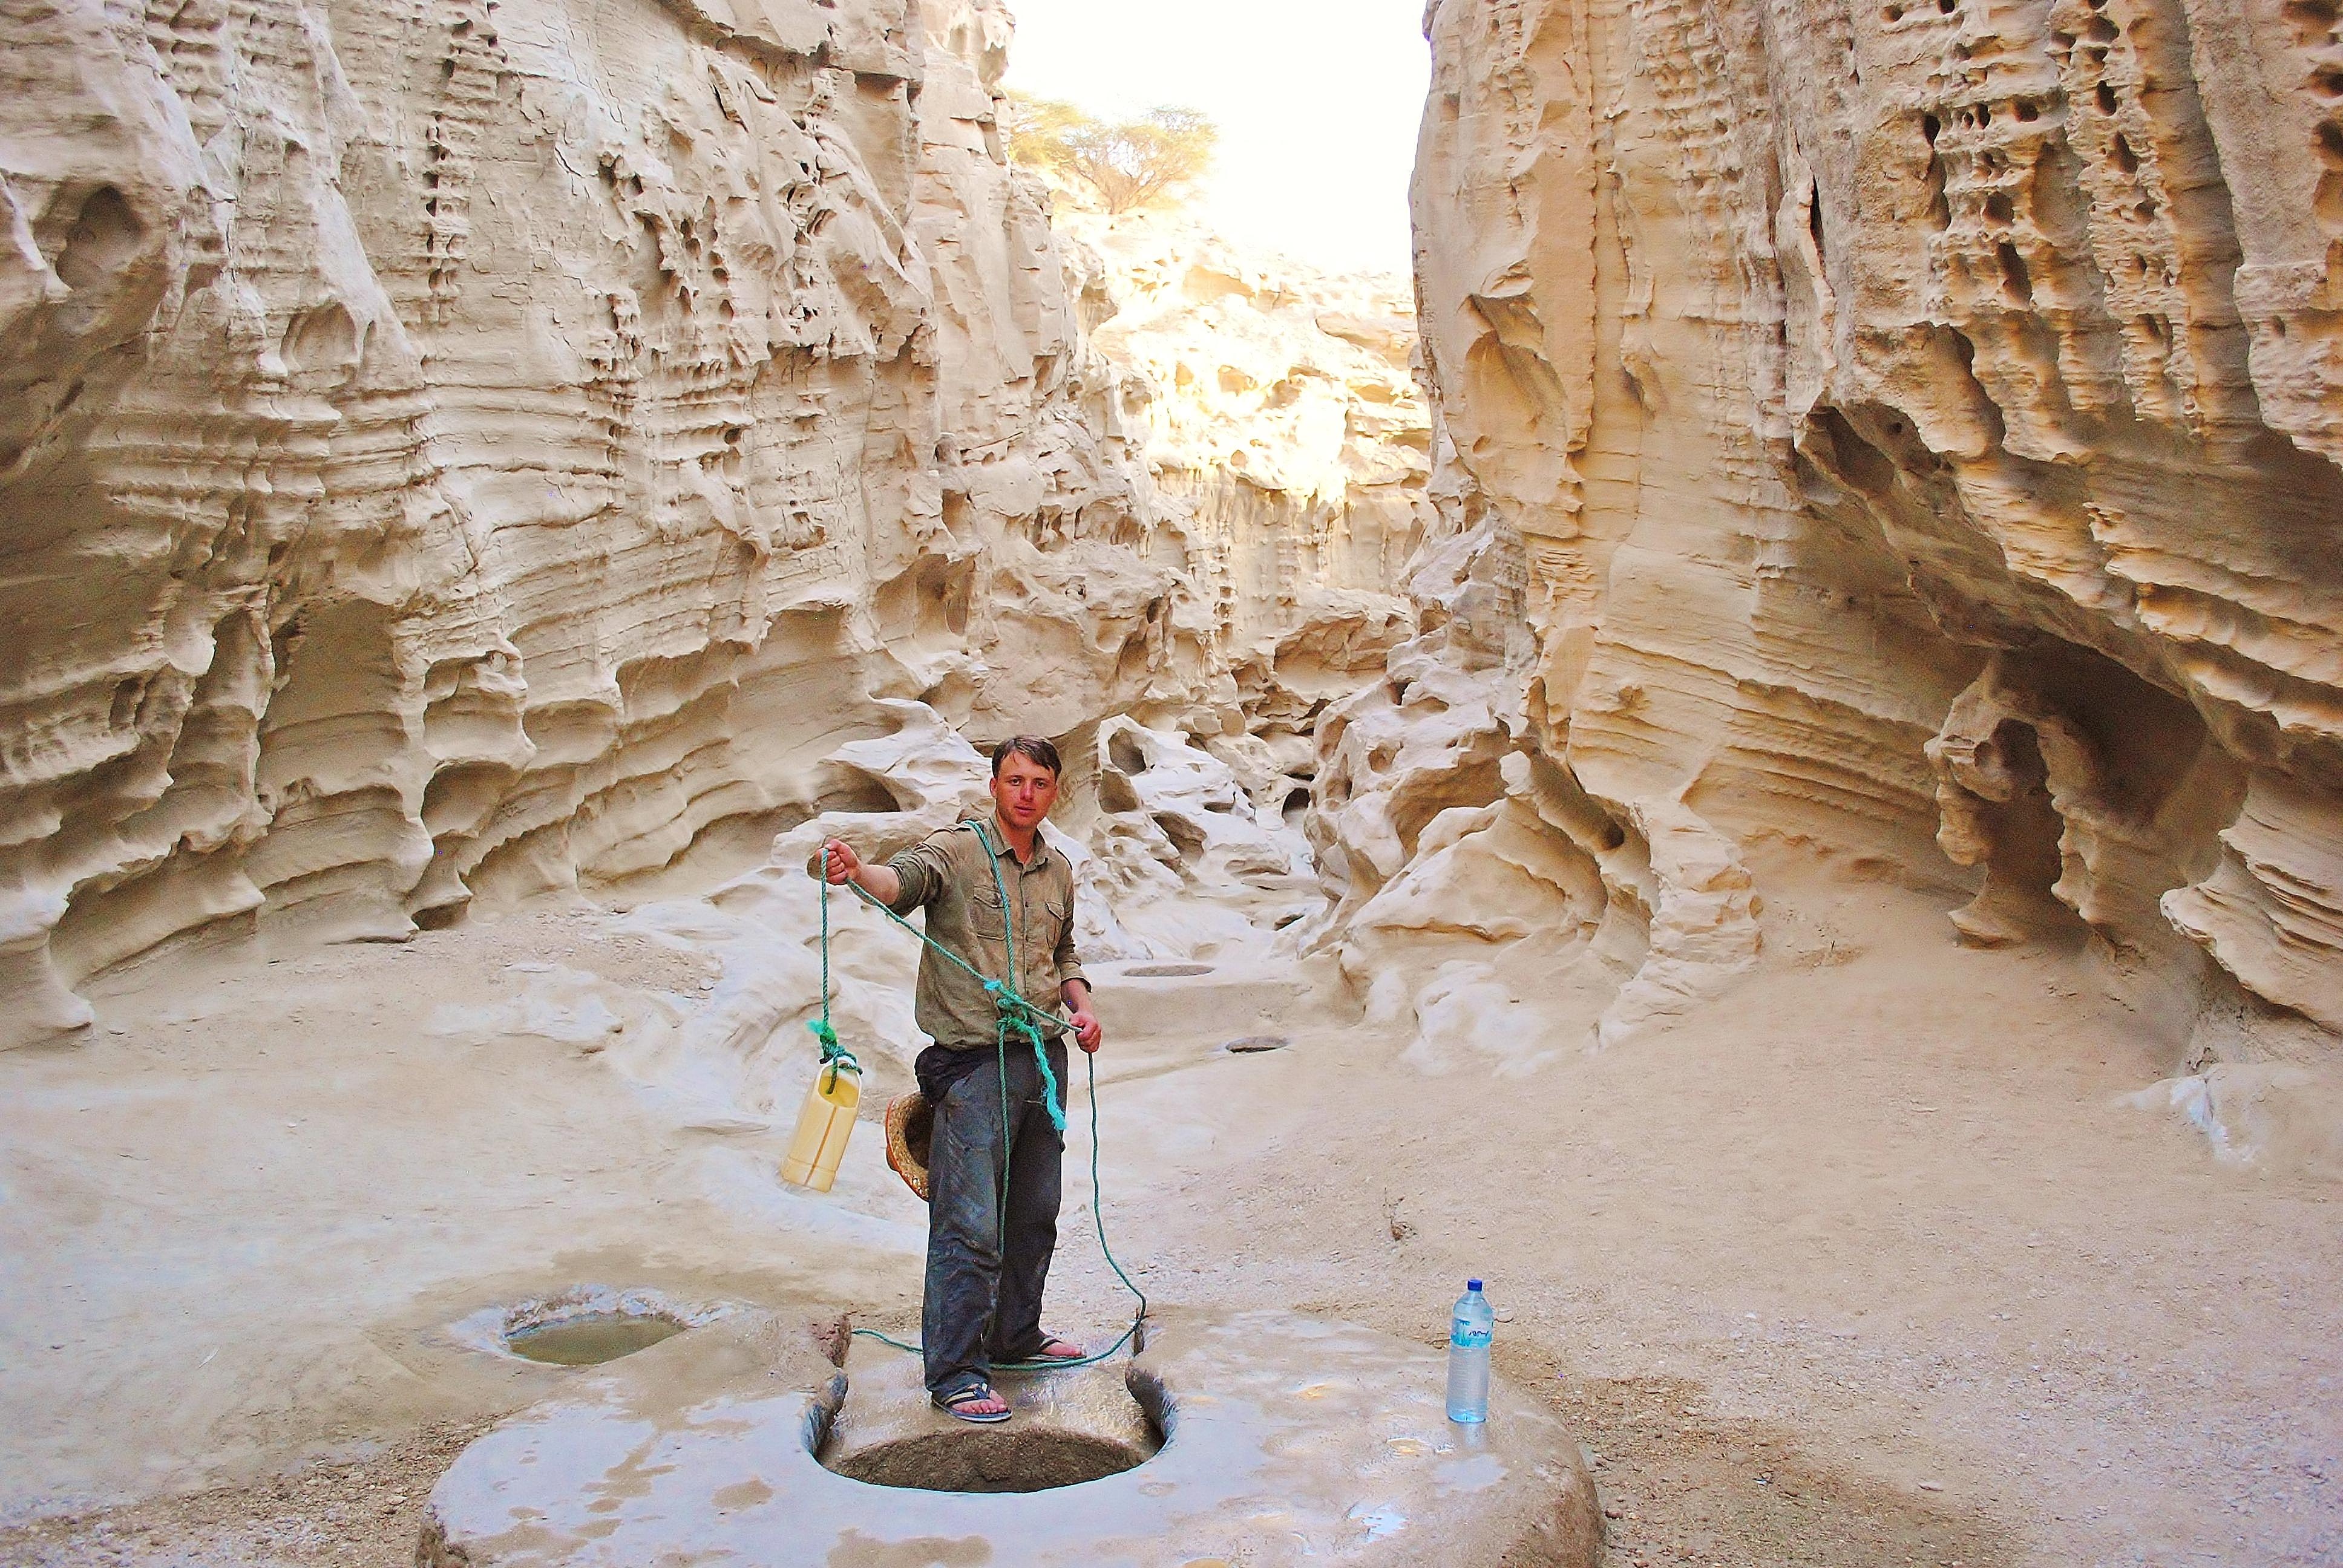 Iran; wyspa Qeshm w Zatoce Perskiej. Po wielu dniach pustynnej wyprawy dotarłem do studni. Byłem zmęczony i biedny ale szczęśliwy.